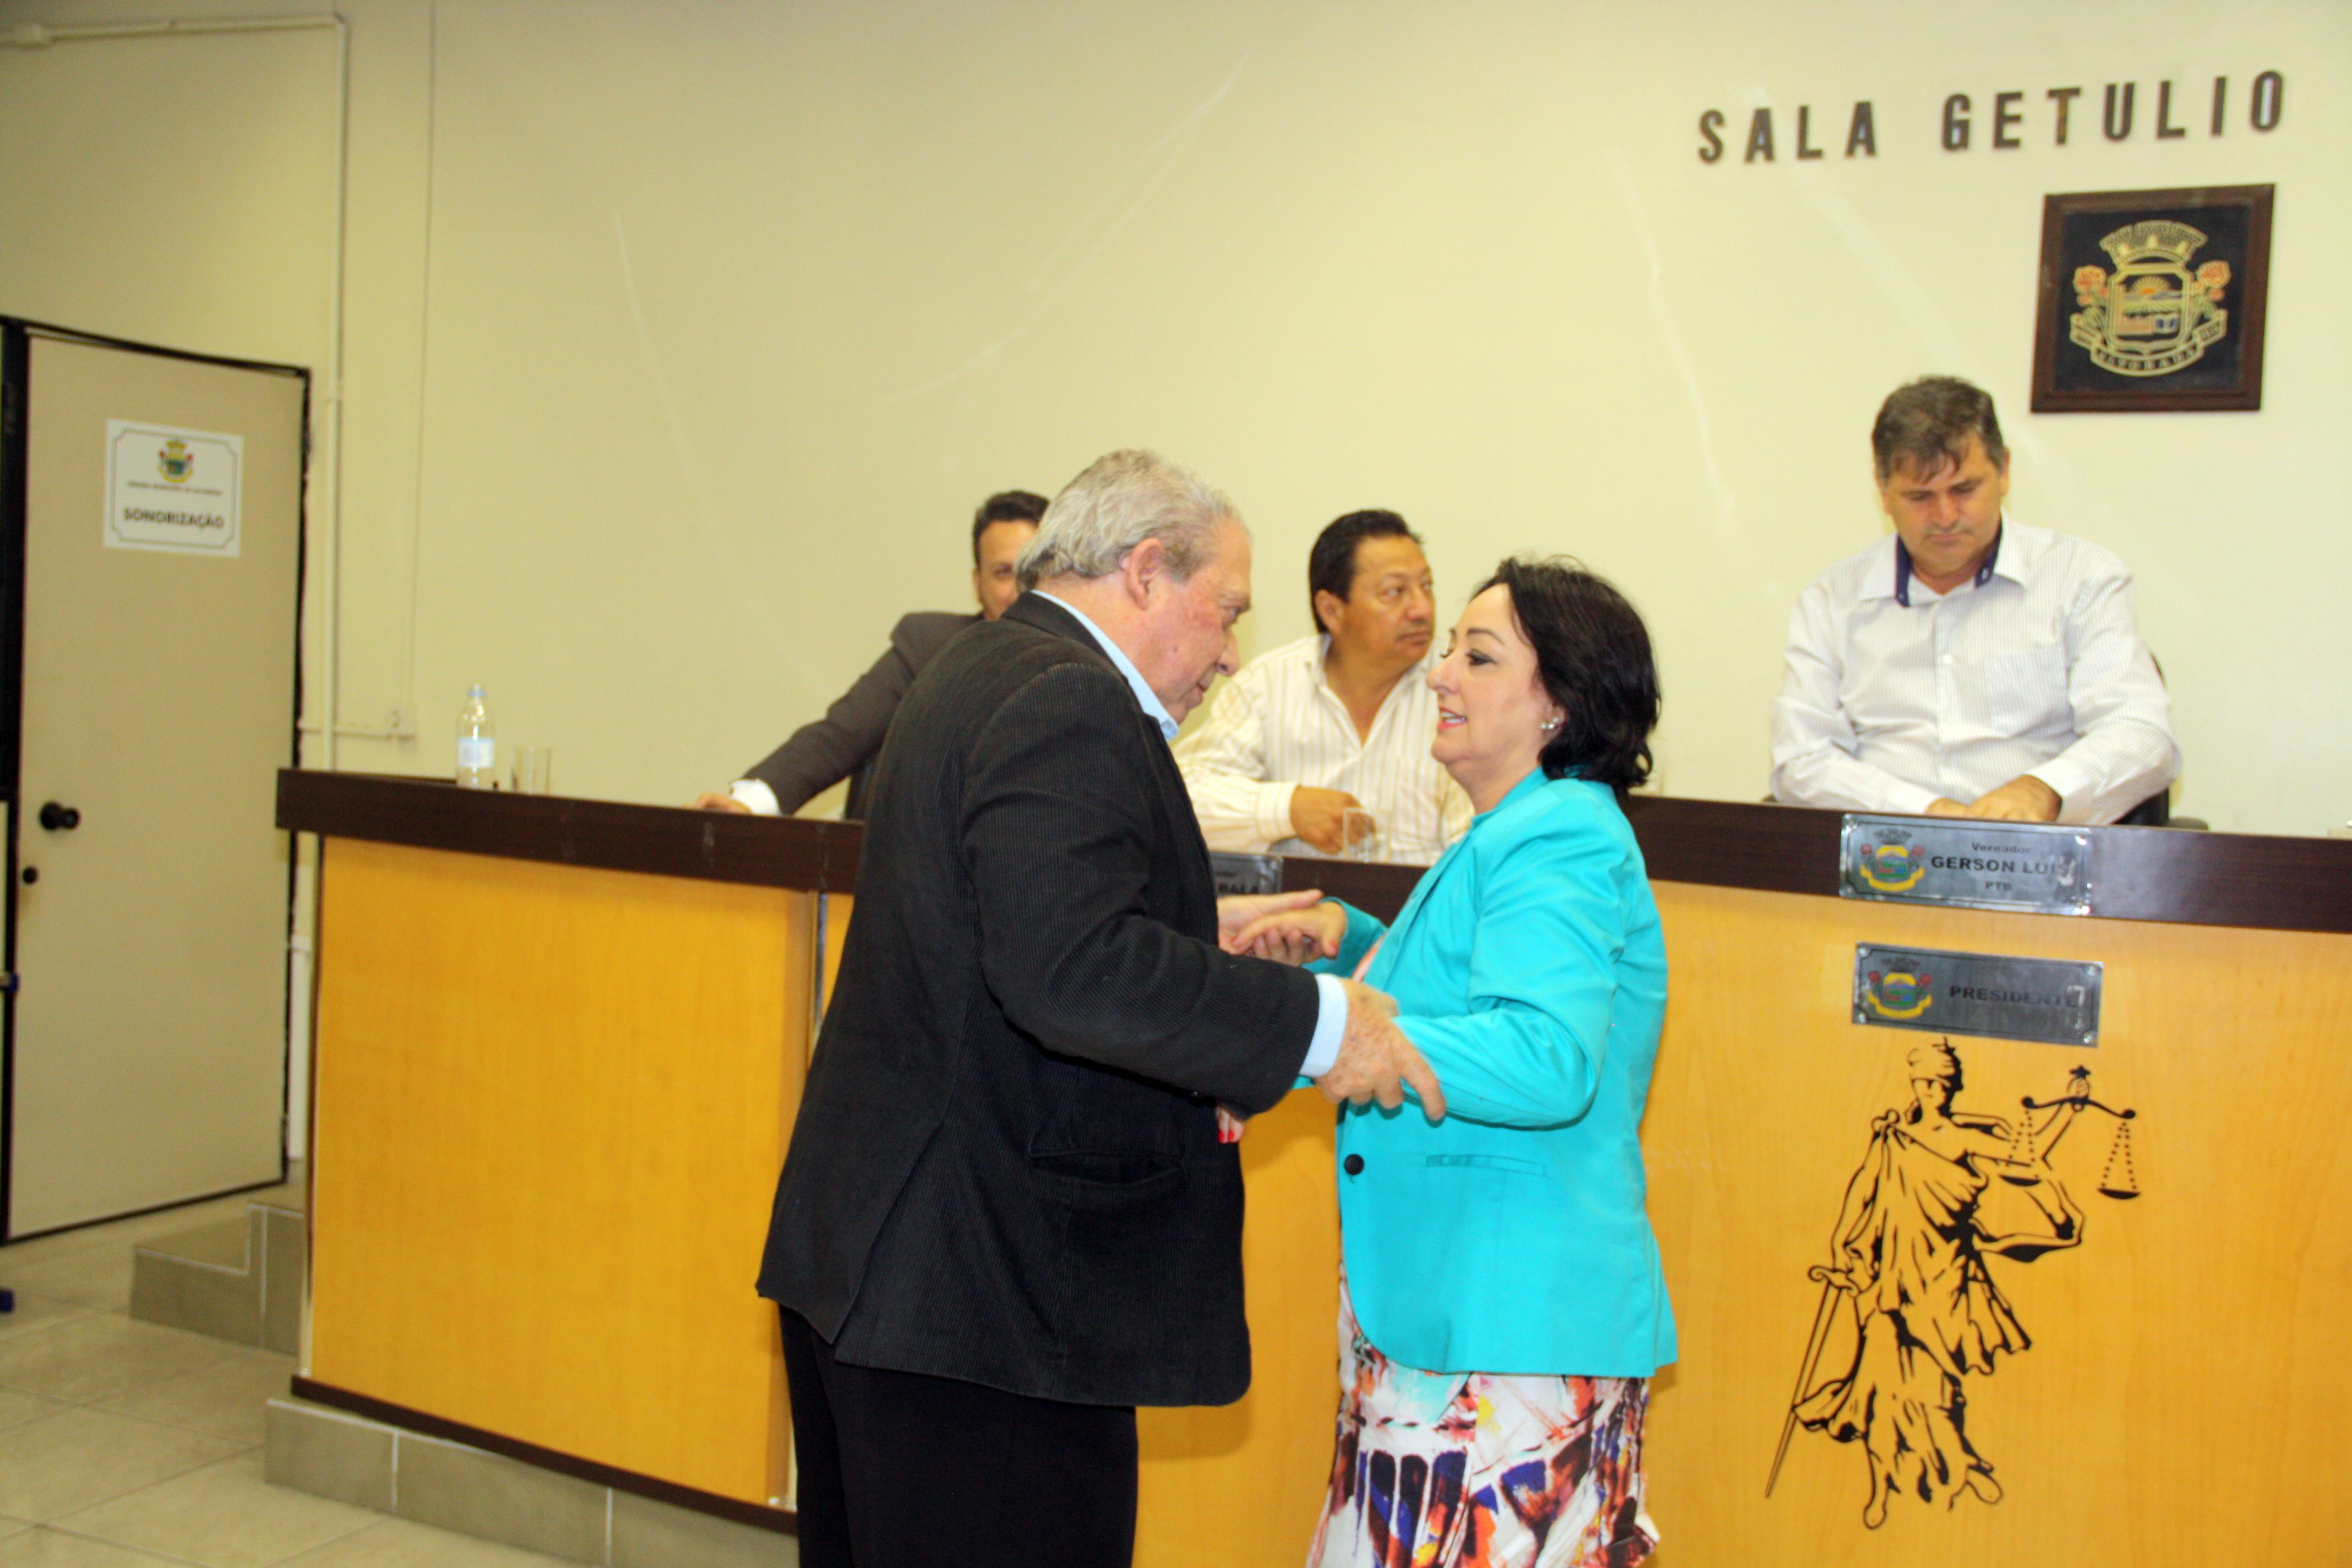 Appolo cumprimentou a vereadora Nadir pela campanha realizada / Foto: Magno Derlon / Especial / OA